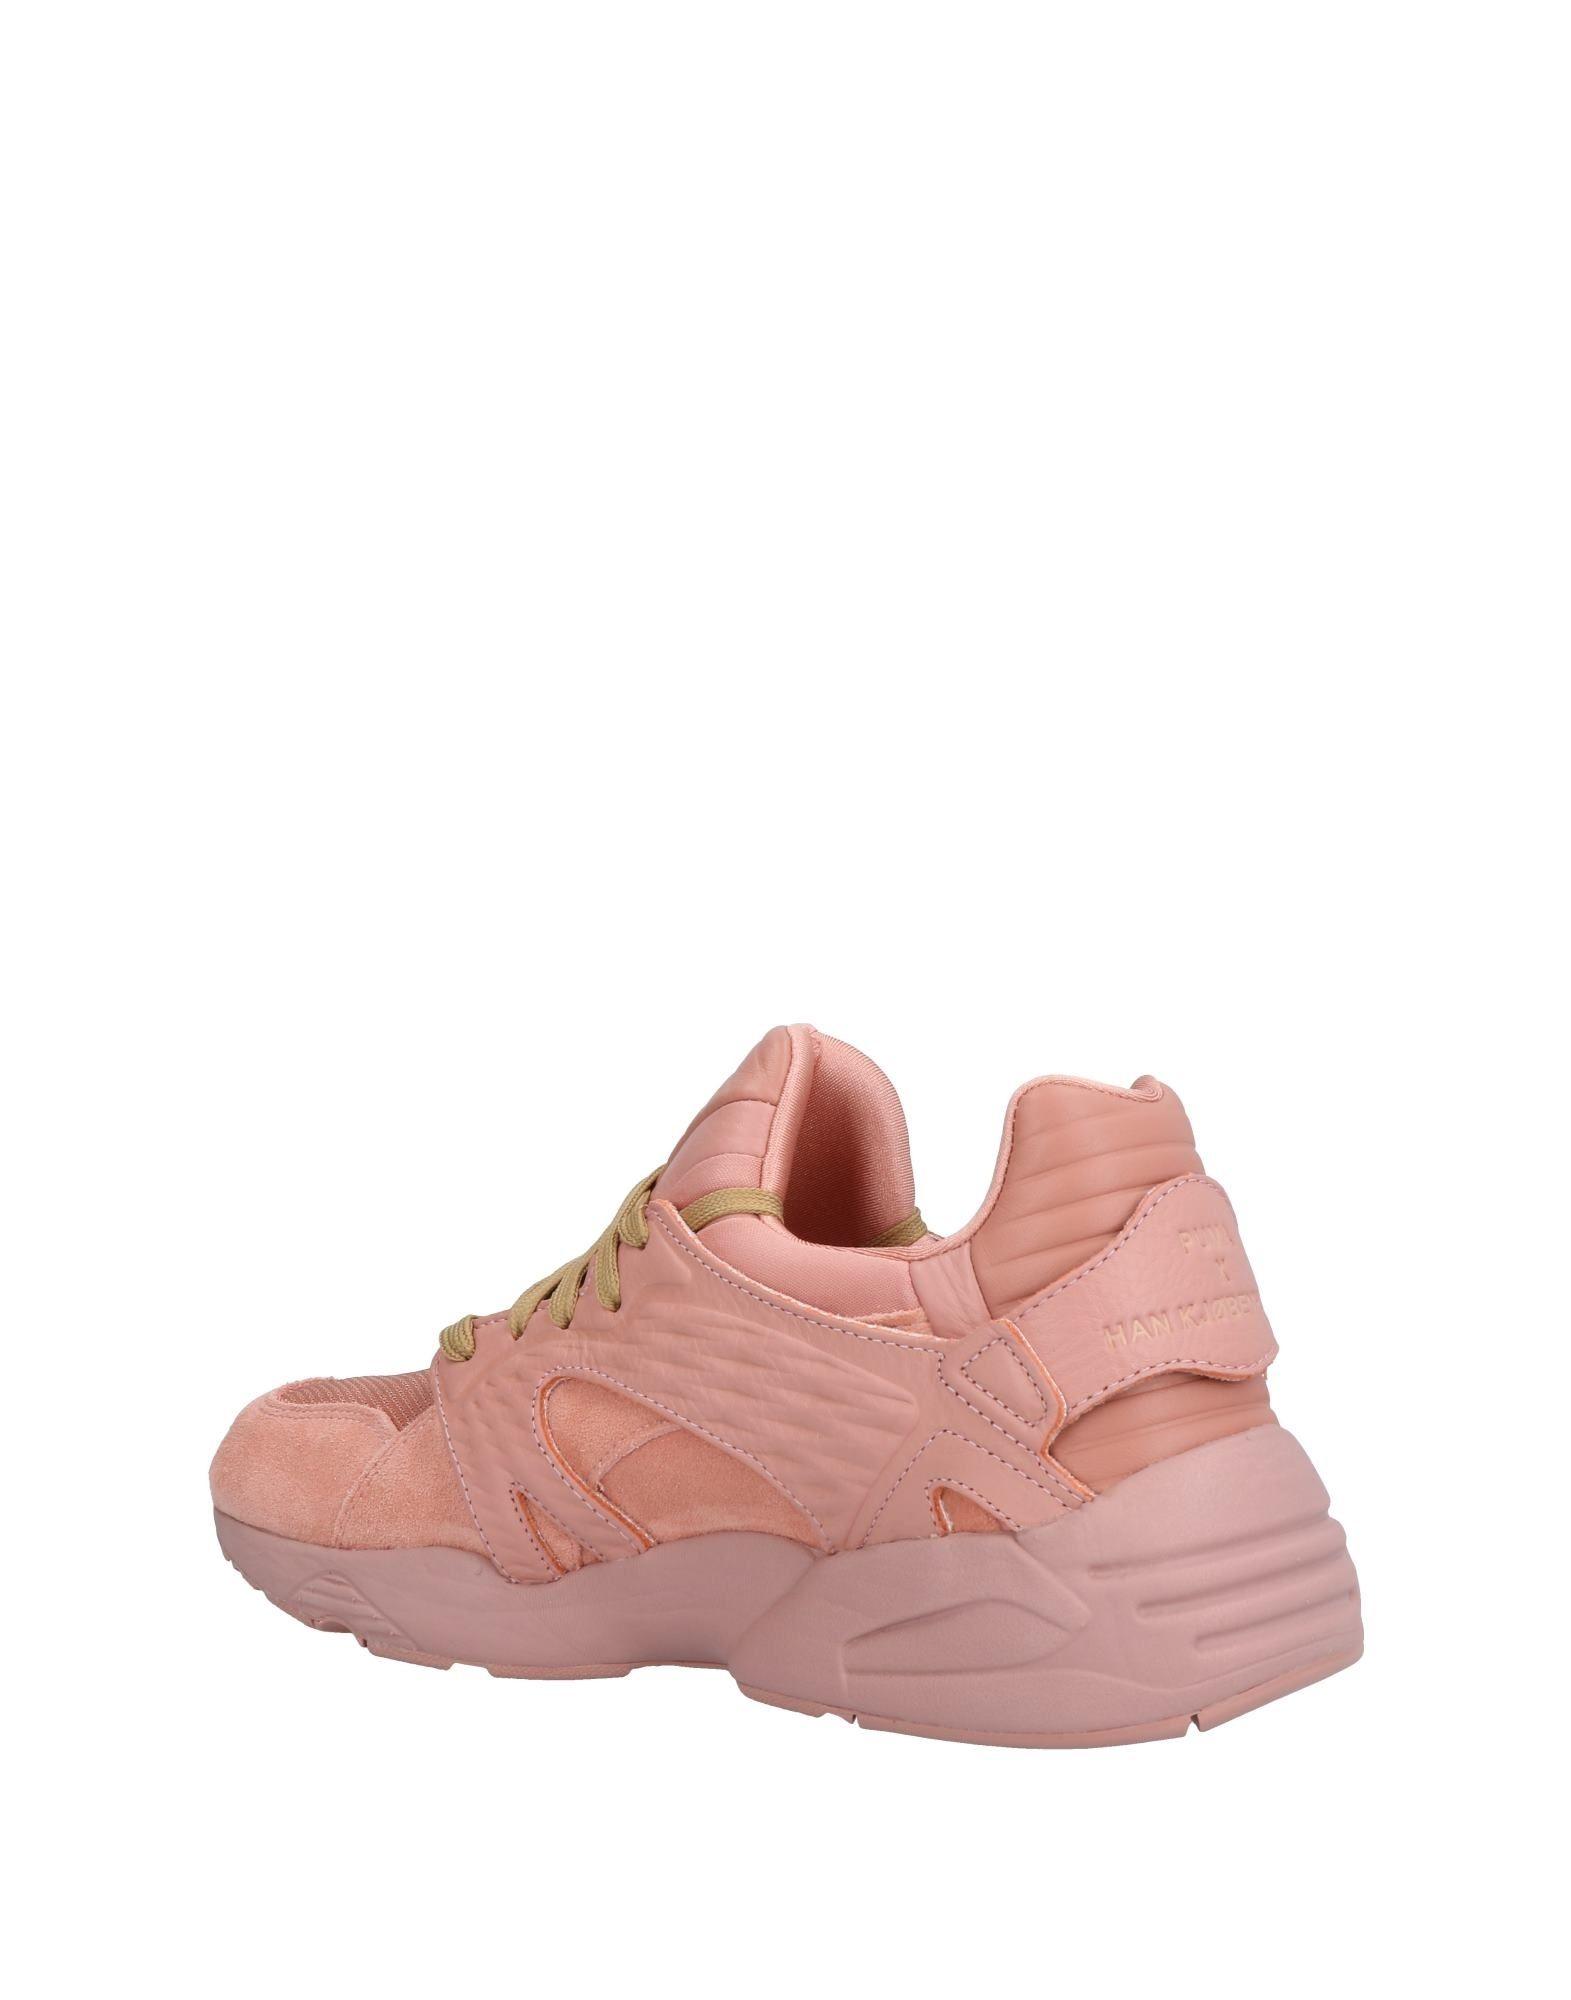 Rabatt echte Schuhe Puma Kjøbenhavn X Han Kjøbenhavn Puma Sneakers Herren  11470861KQ 38b1c8